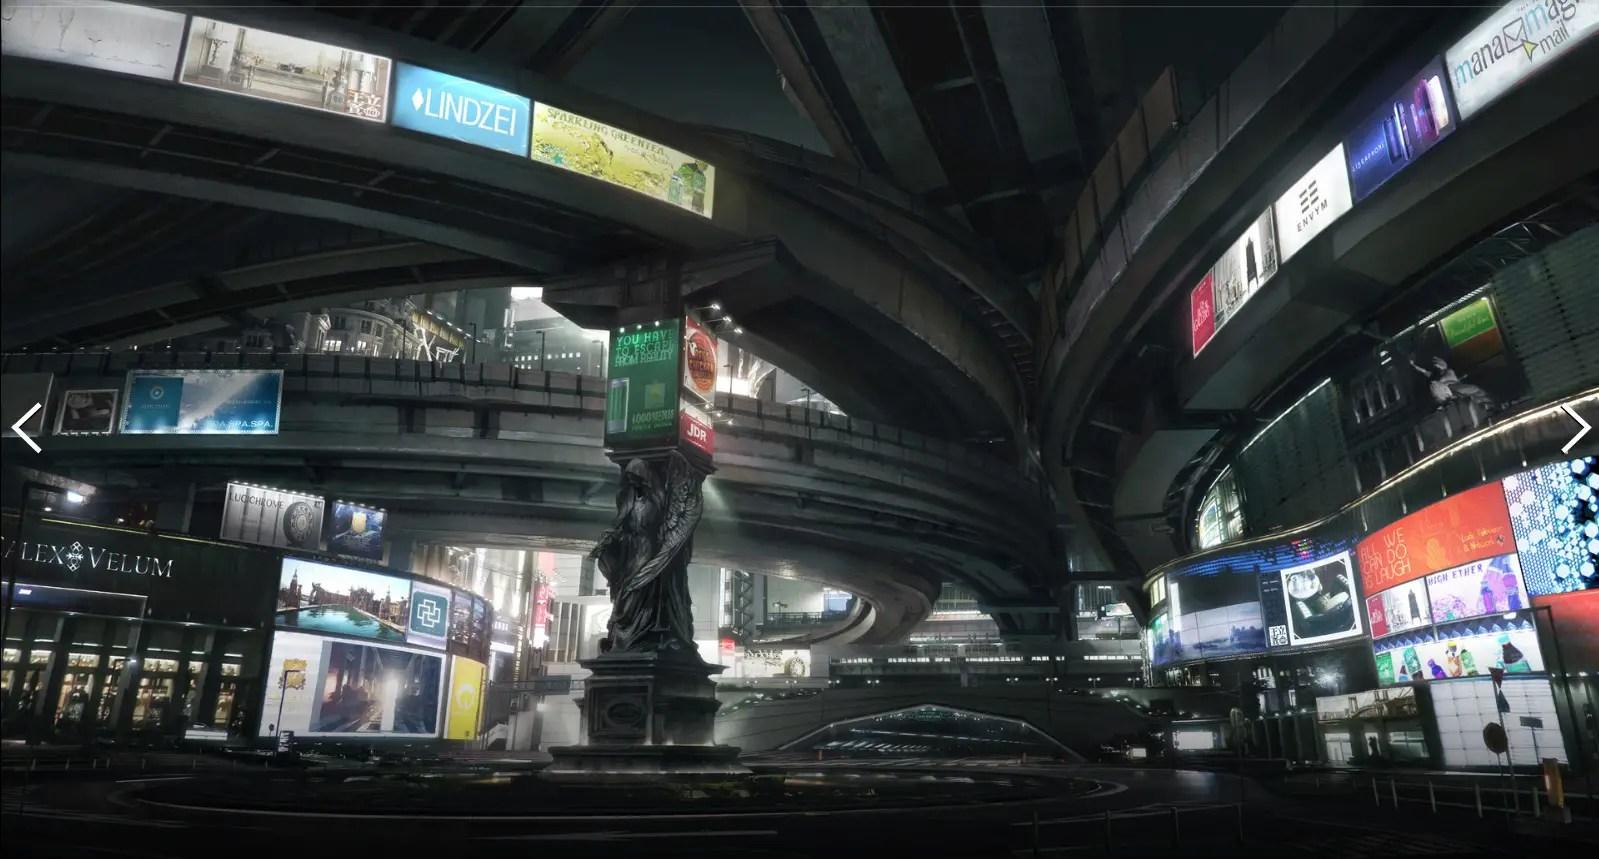 Kingsglaive Final Fantasy Xv Detailed In New Concept Art